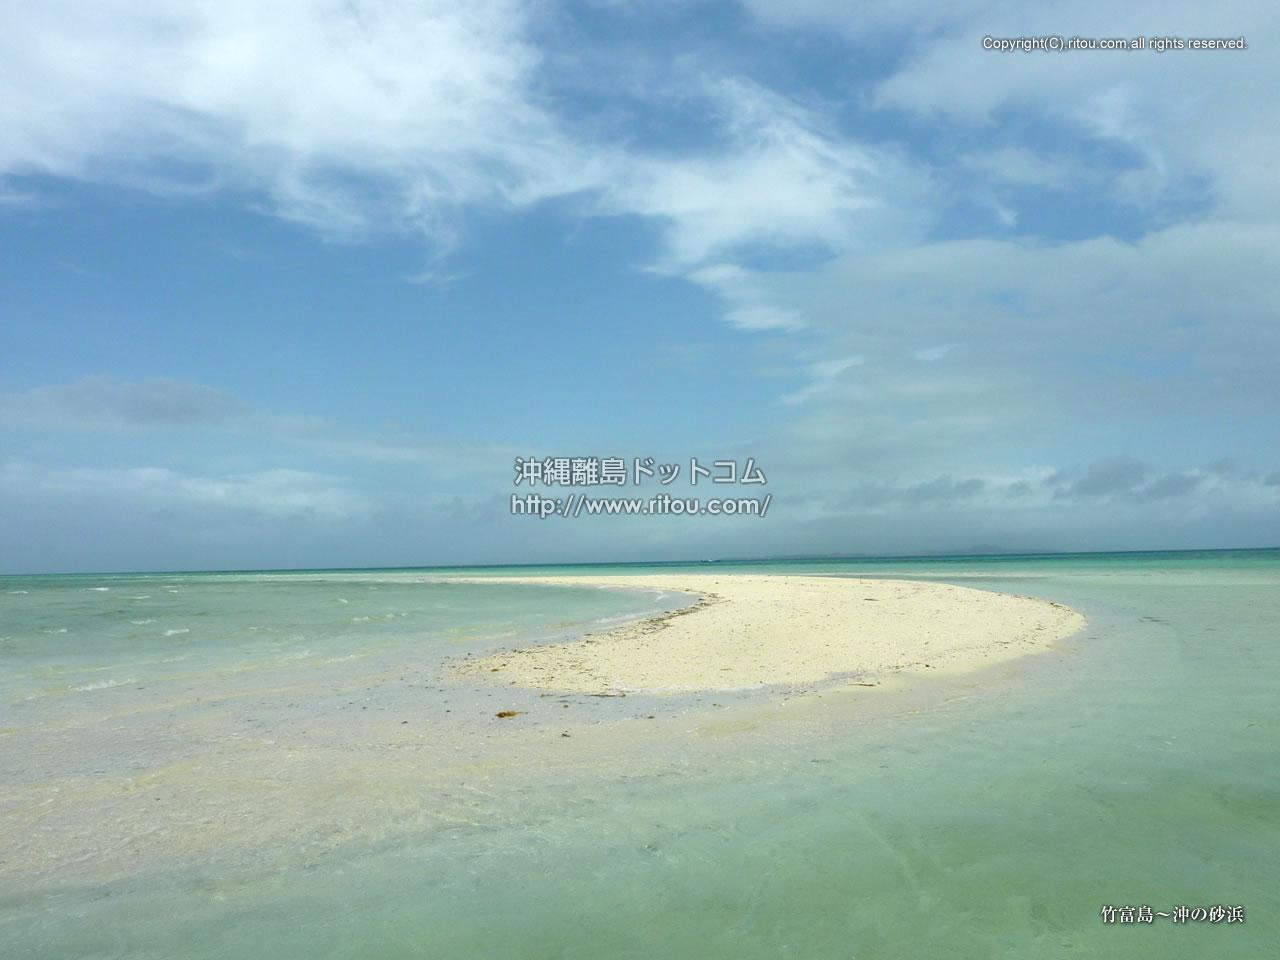 竹富島〜沖の砂浜